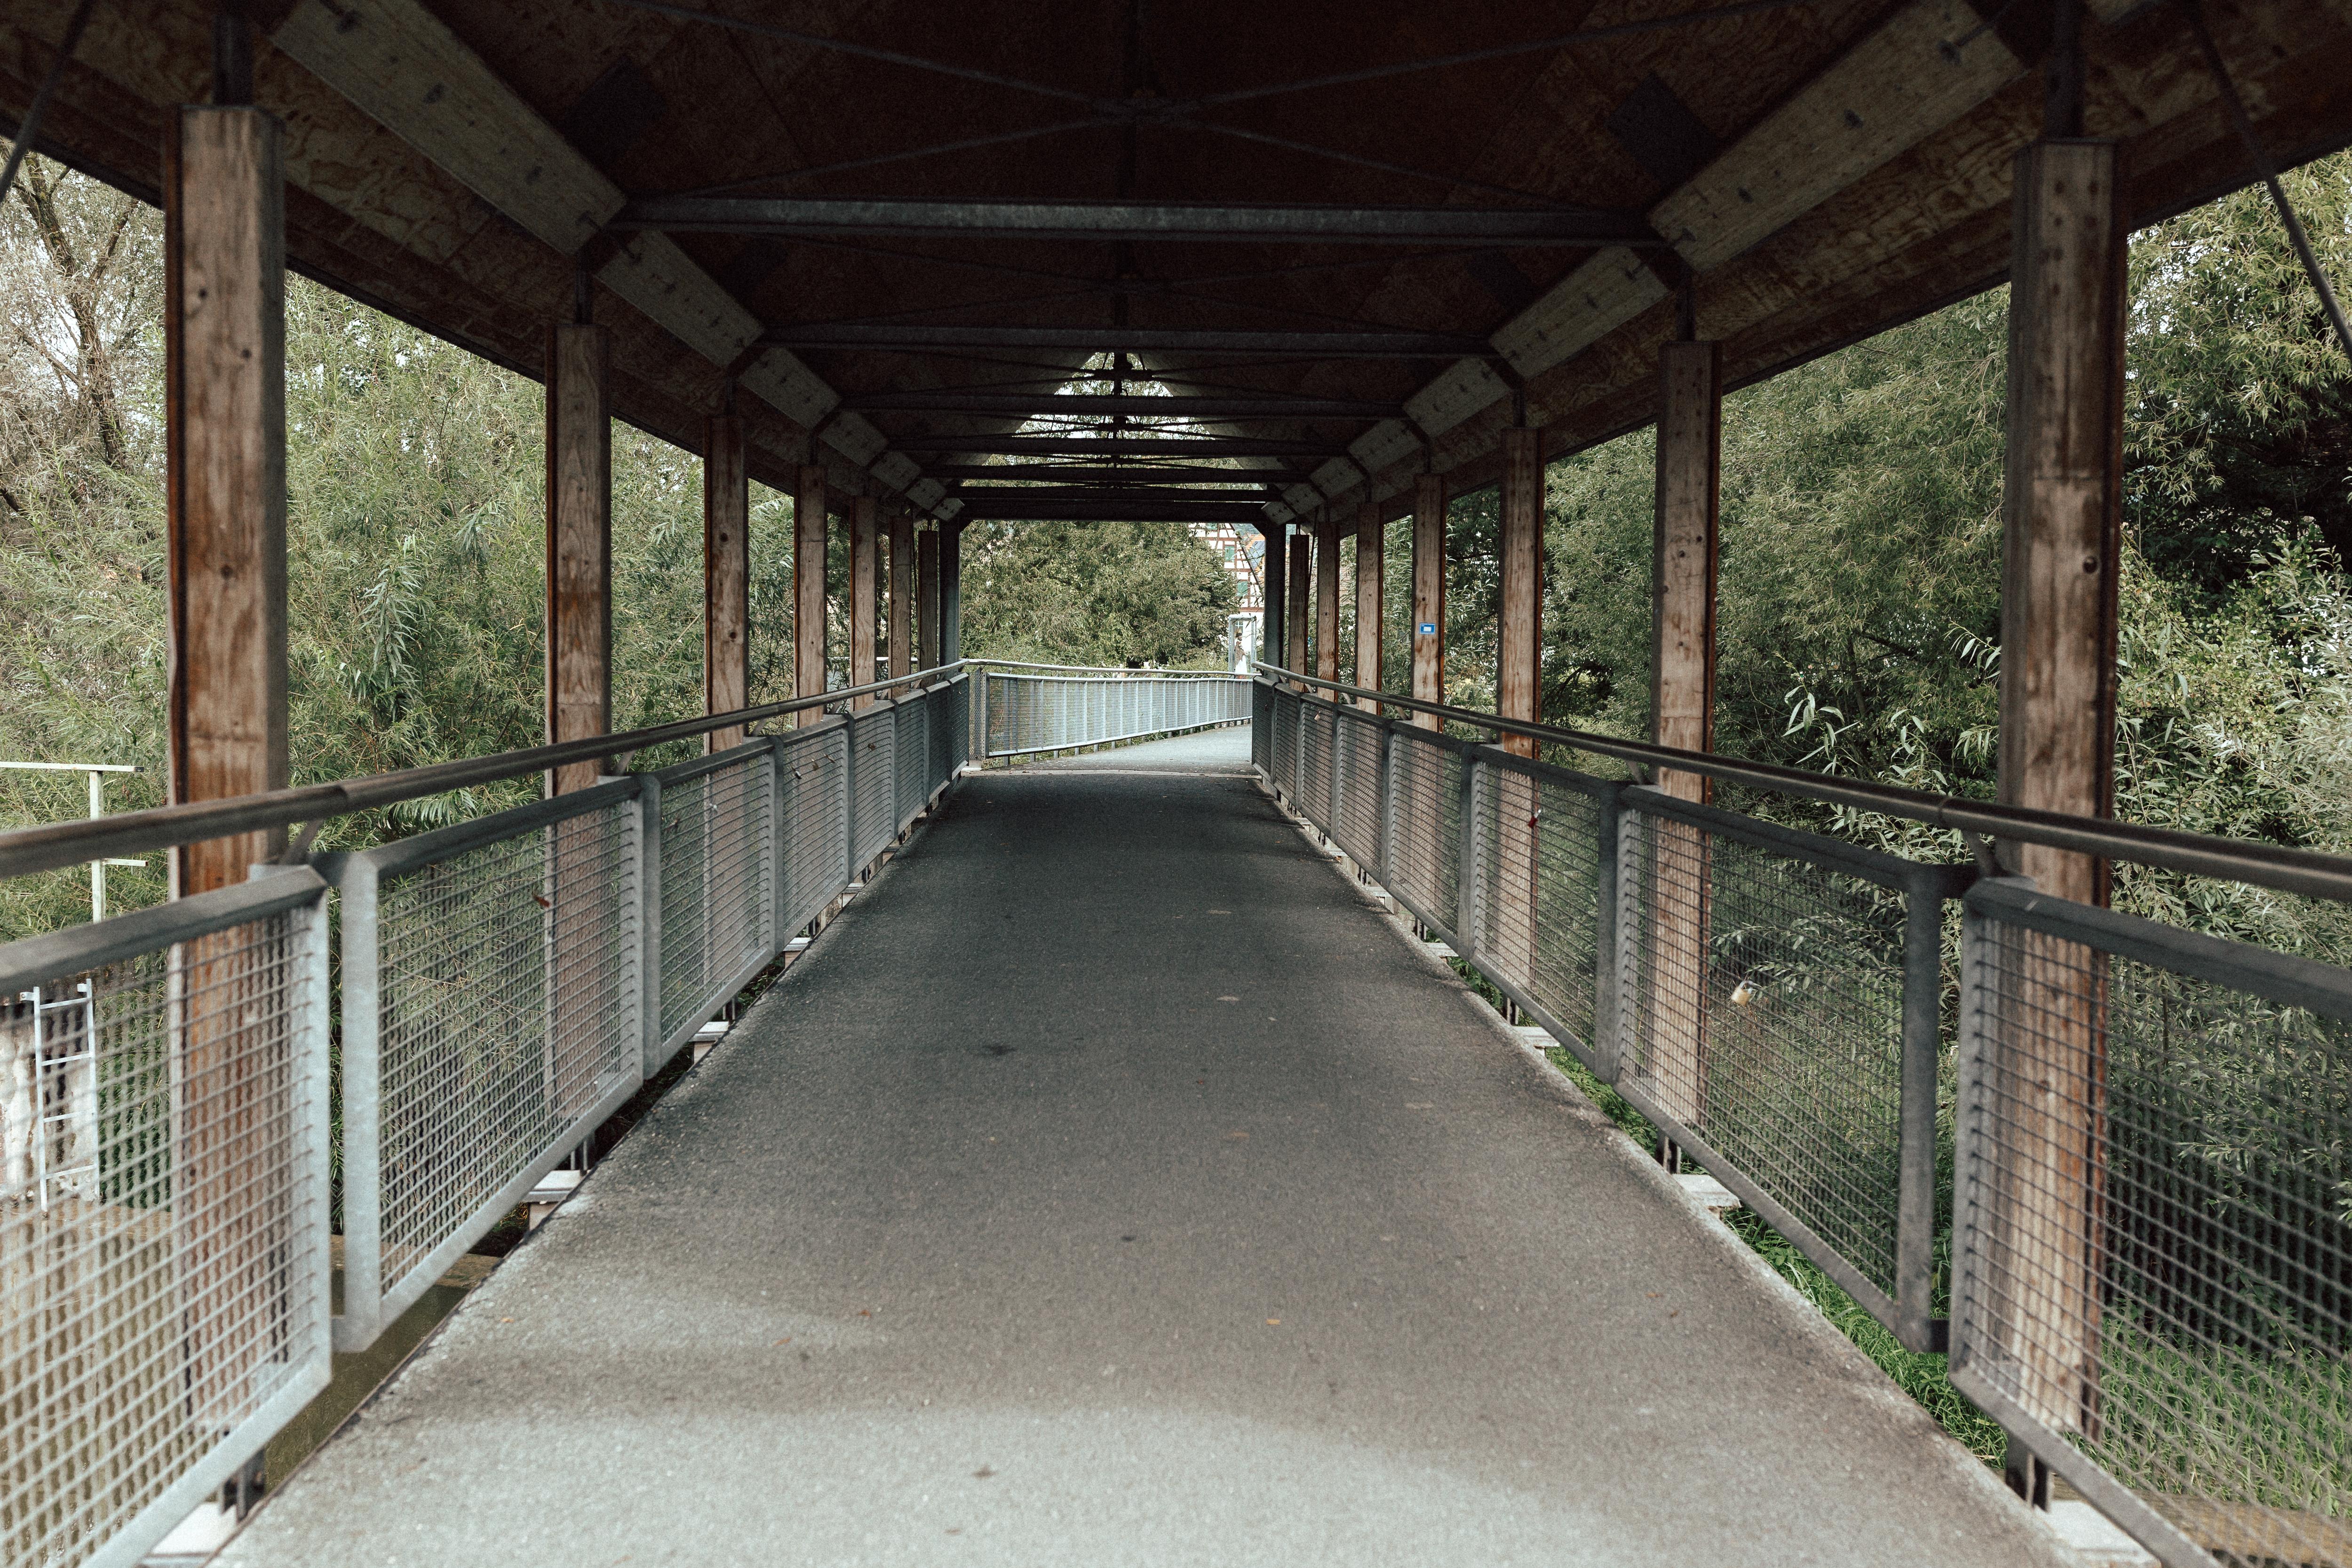 URBANERIE_Daniela_Goth_Fotografin_Nürnberg_Fürth_Erlangen_Schwabach_170902_004_0022